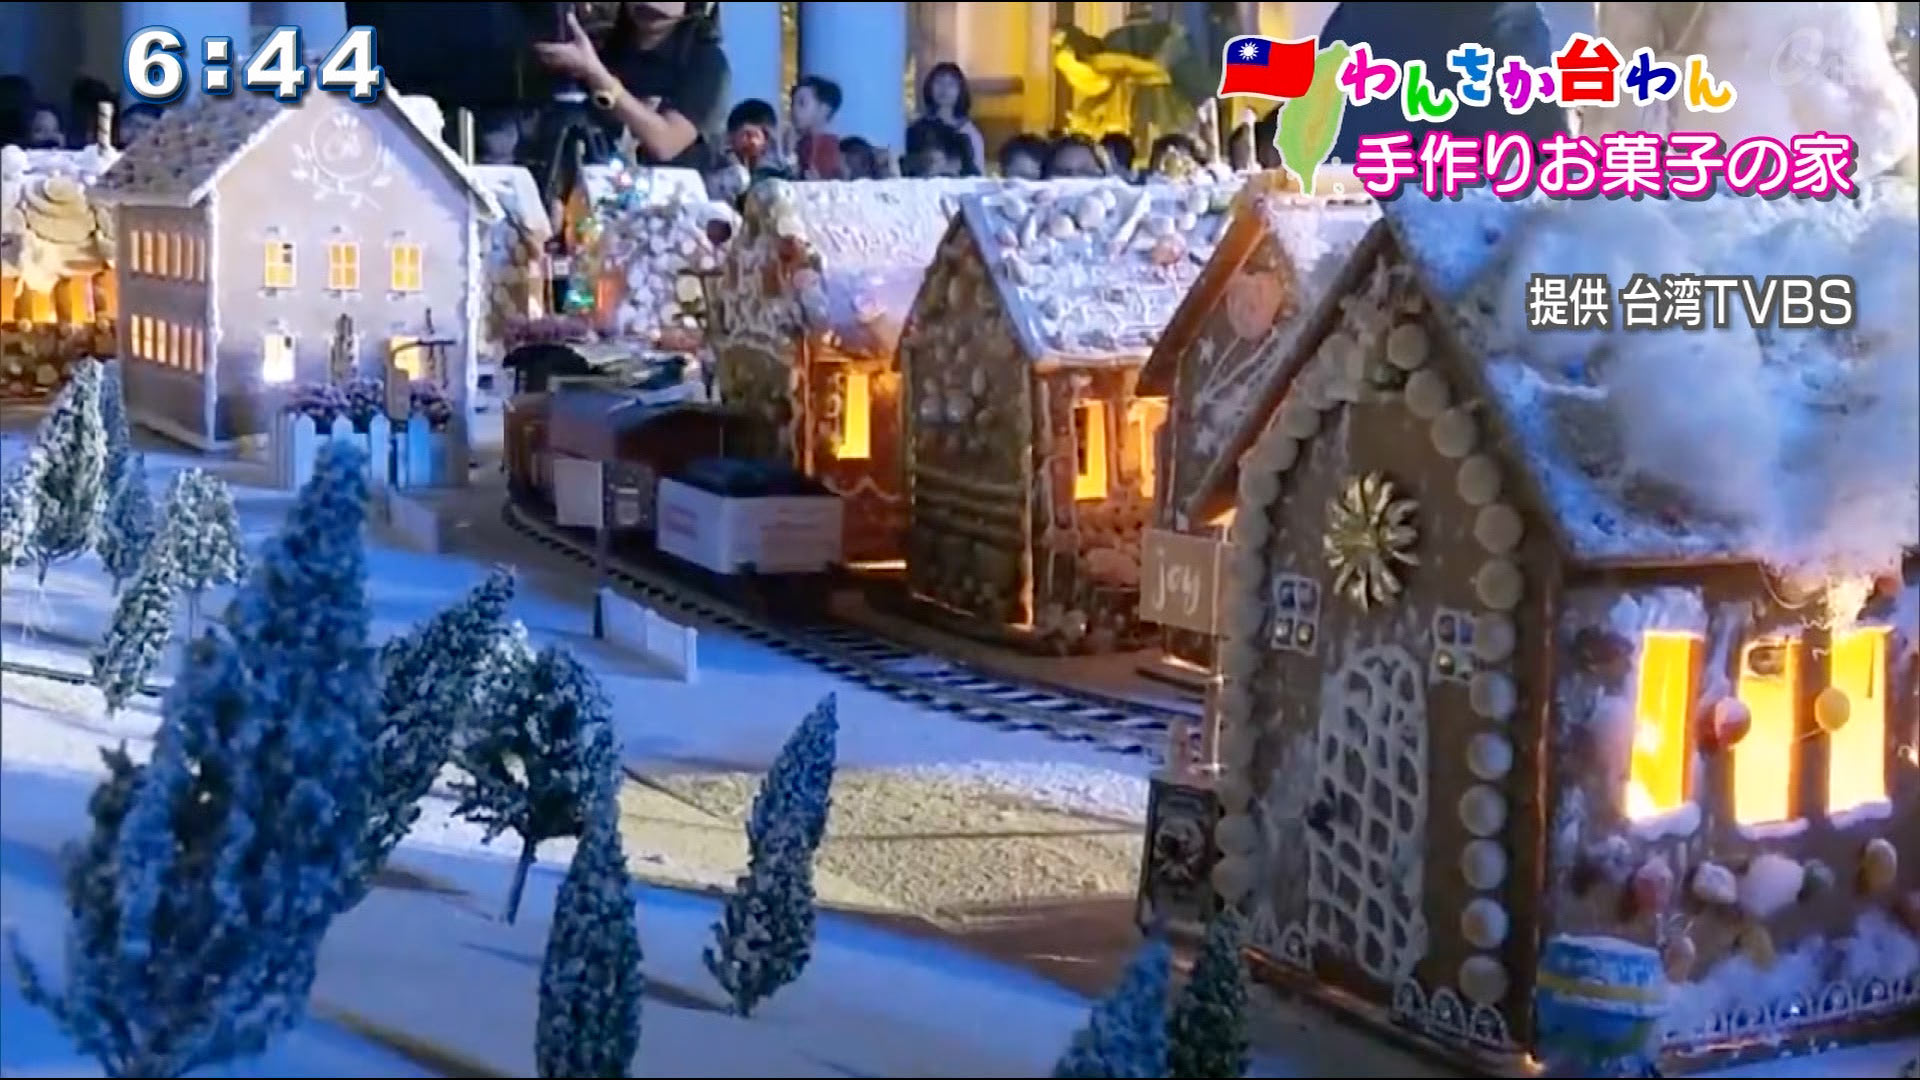 お菓子の家が並ぶ街